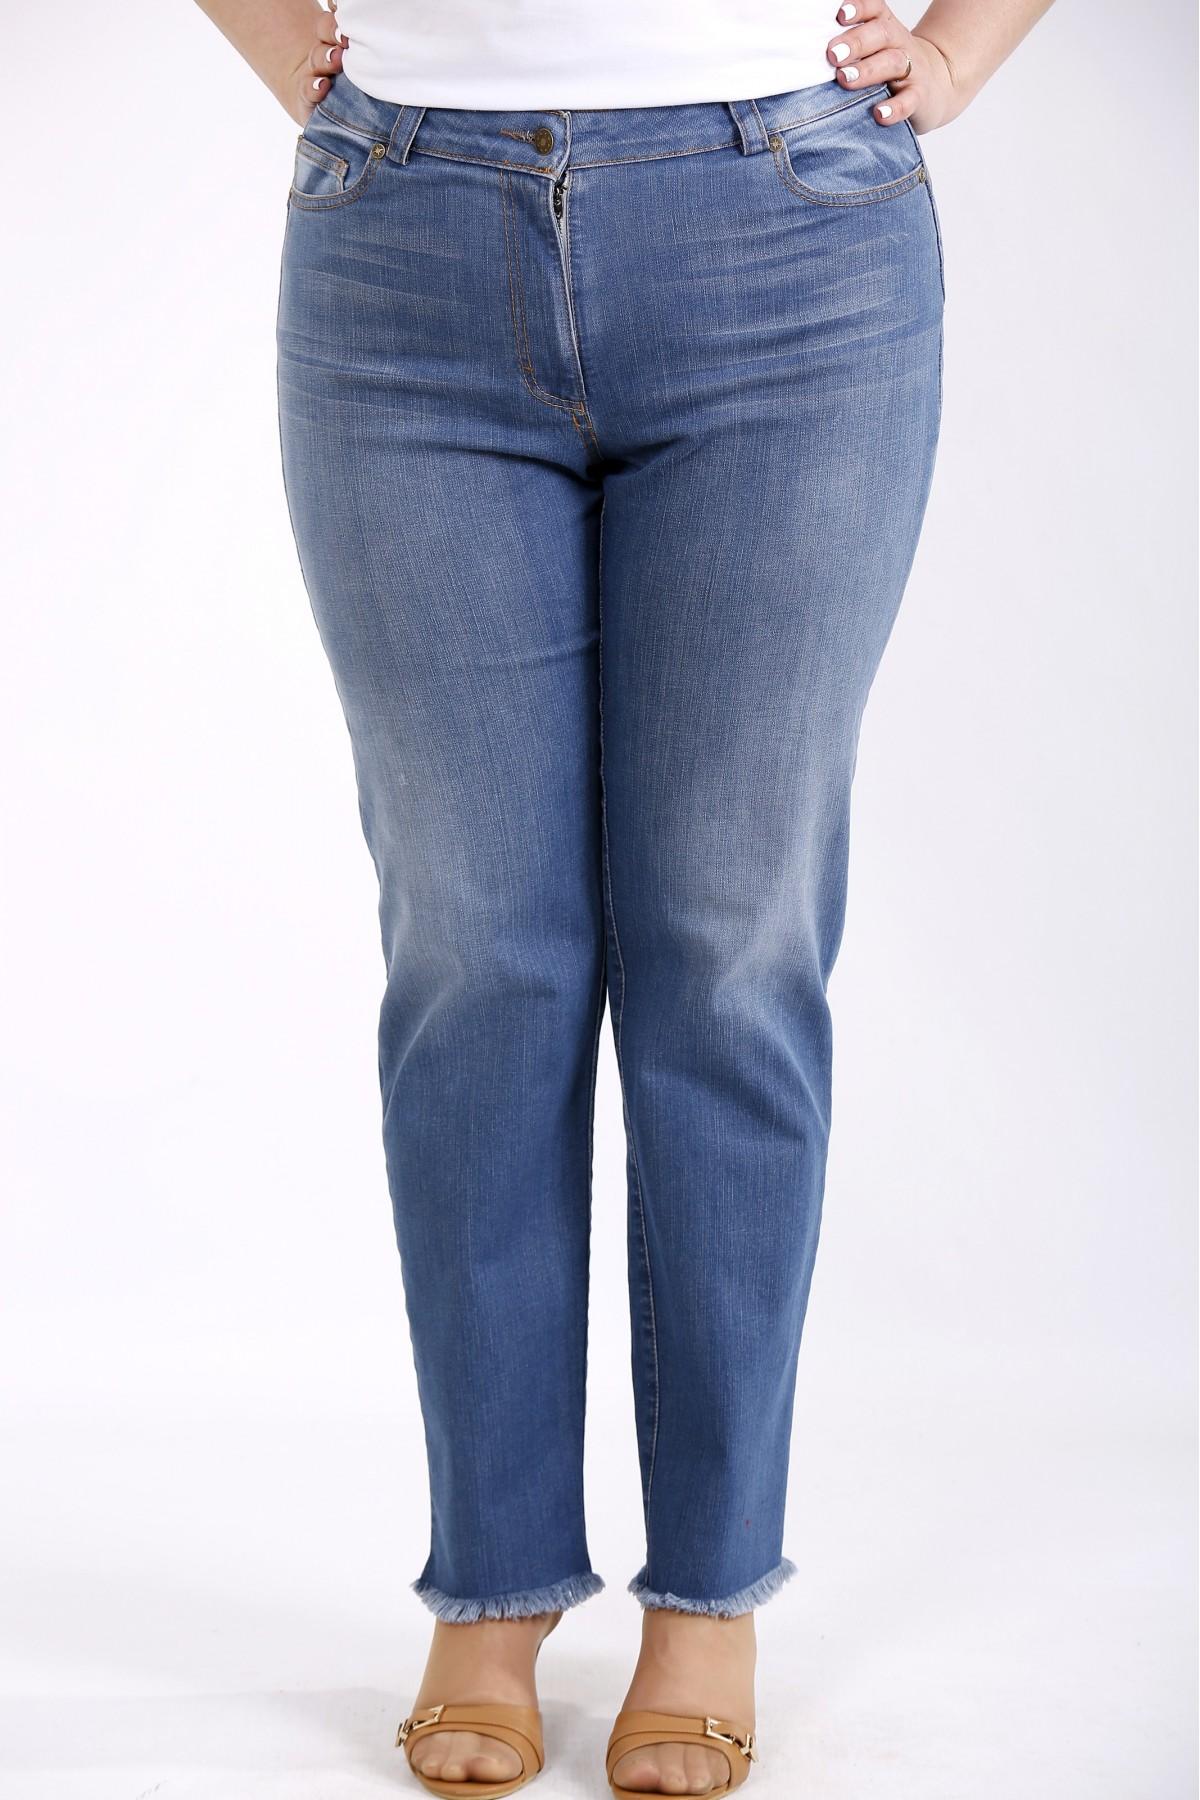 j-052   Синие джинсы немного расширенные